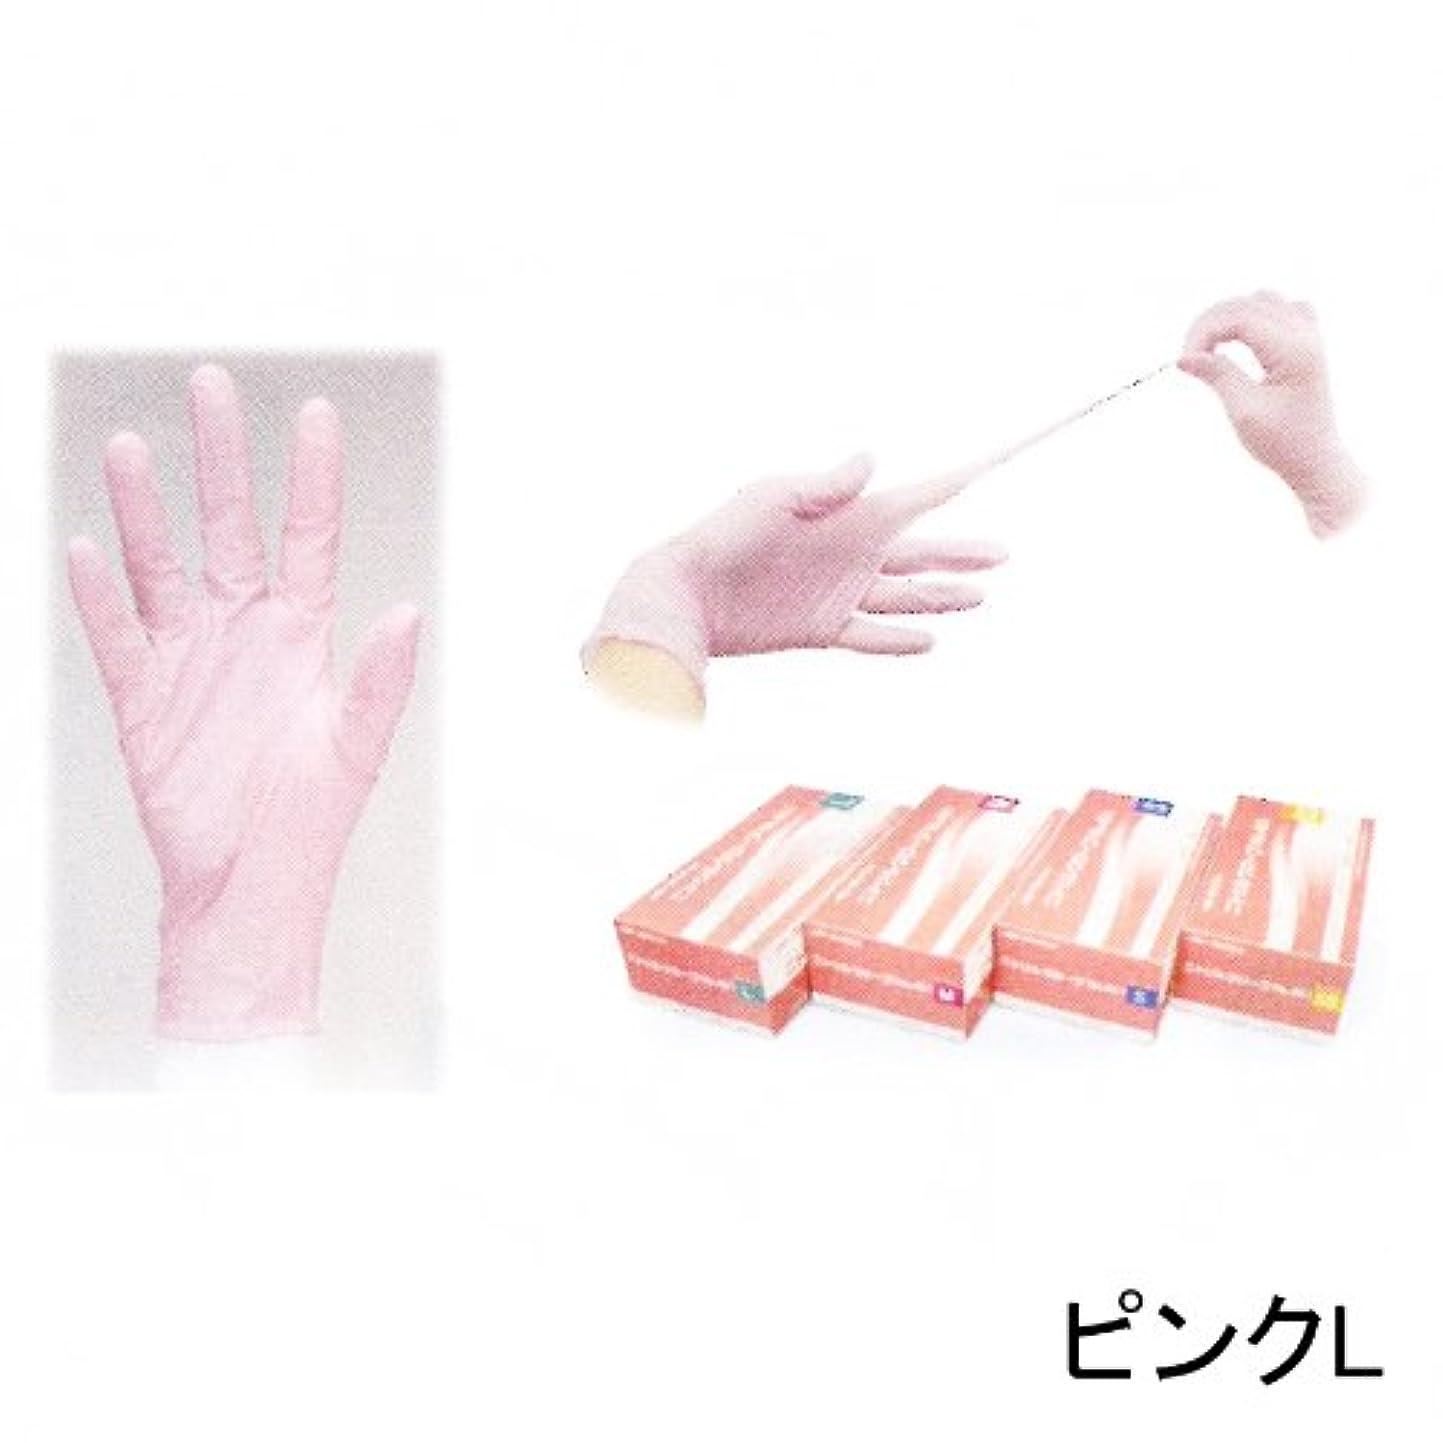 ジョージバーナード中毒結び目ニトリルグローブ(左右兼用200枚入) ピンクL